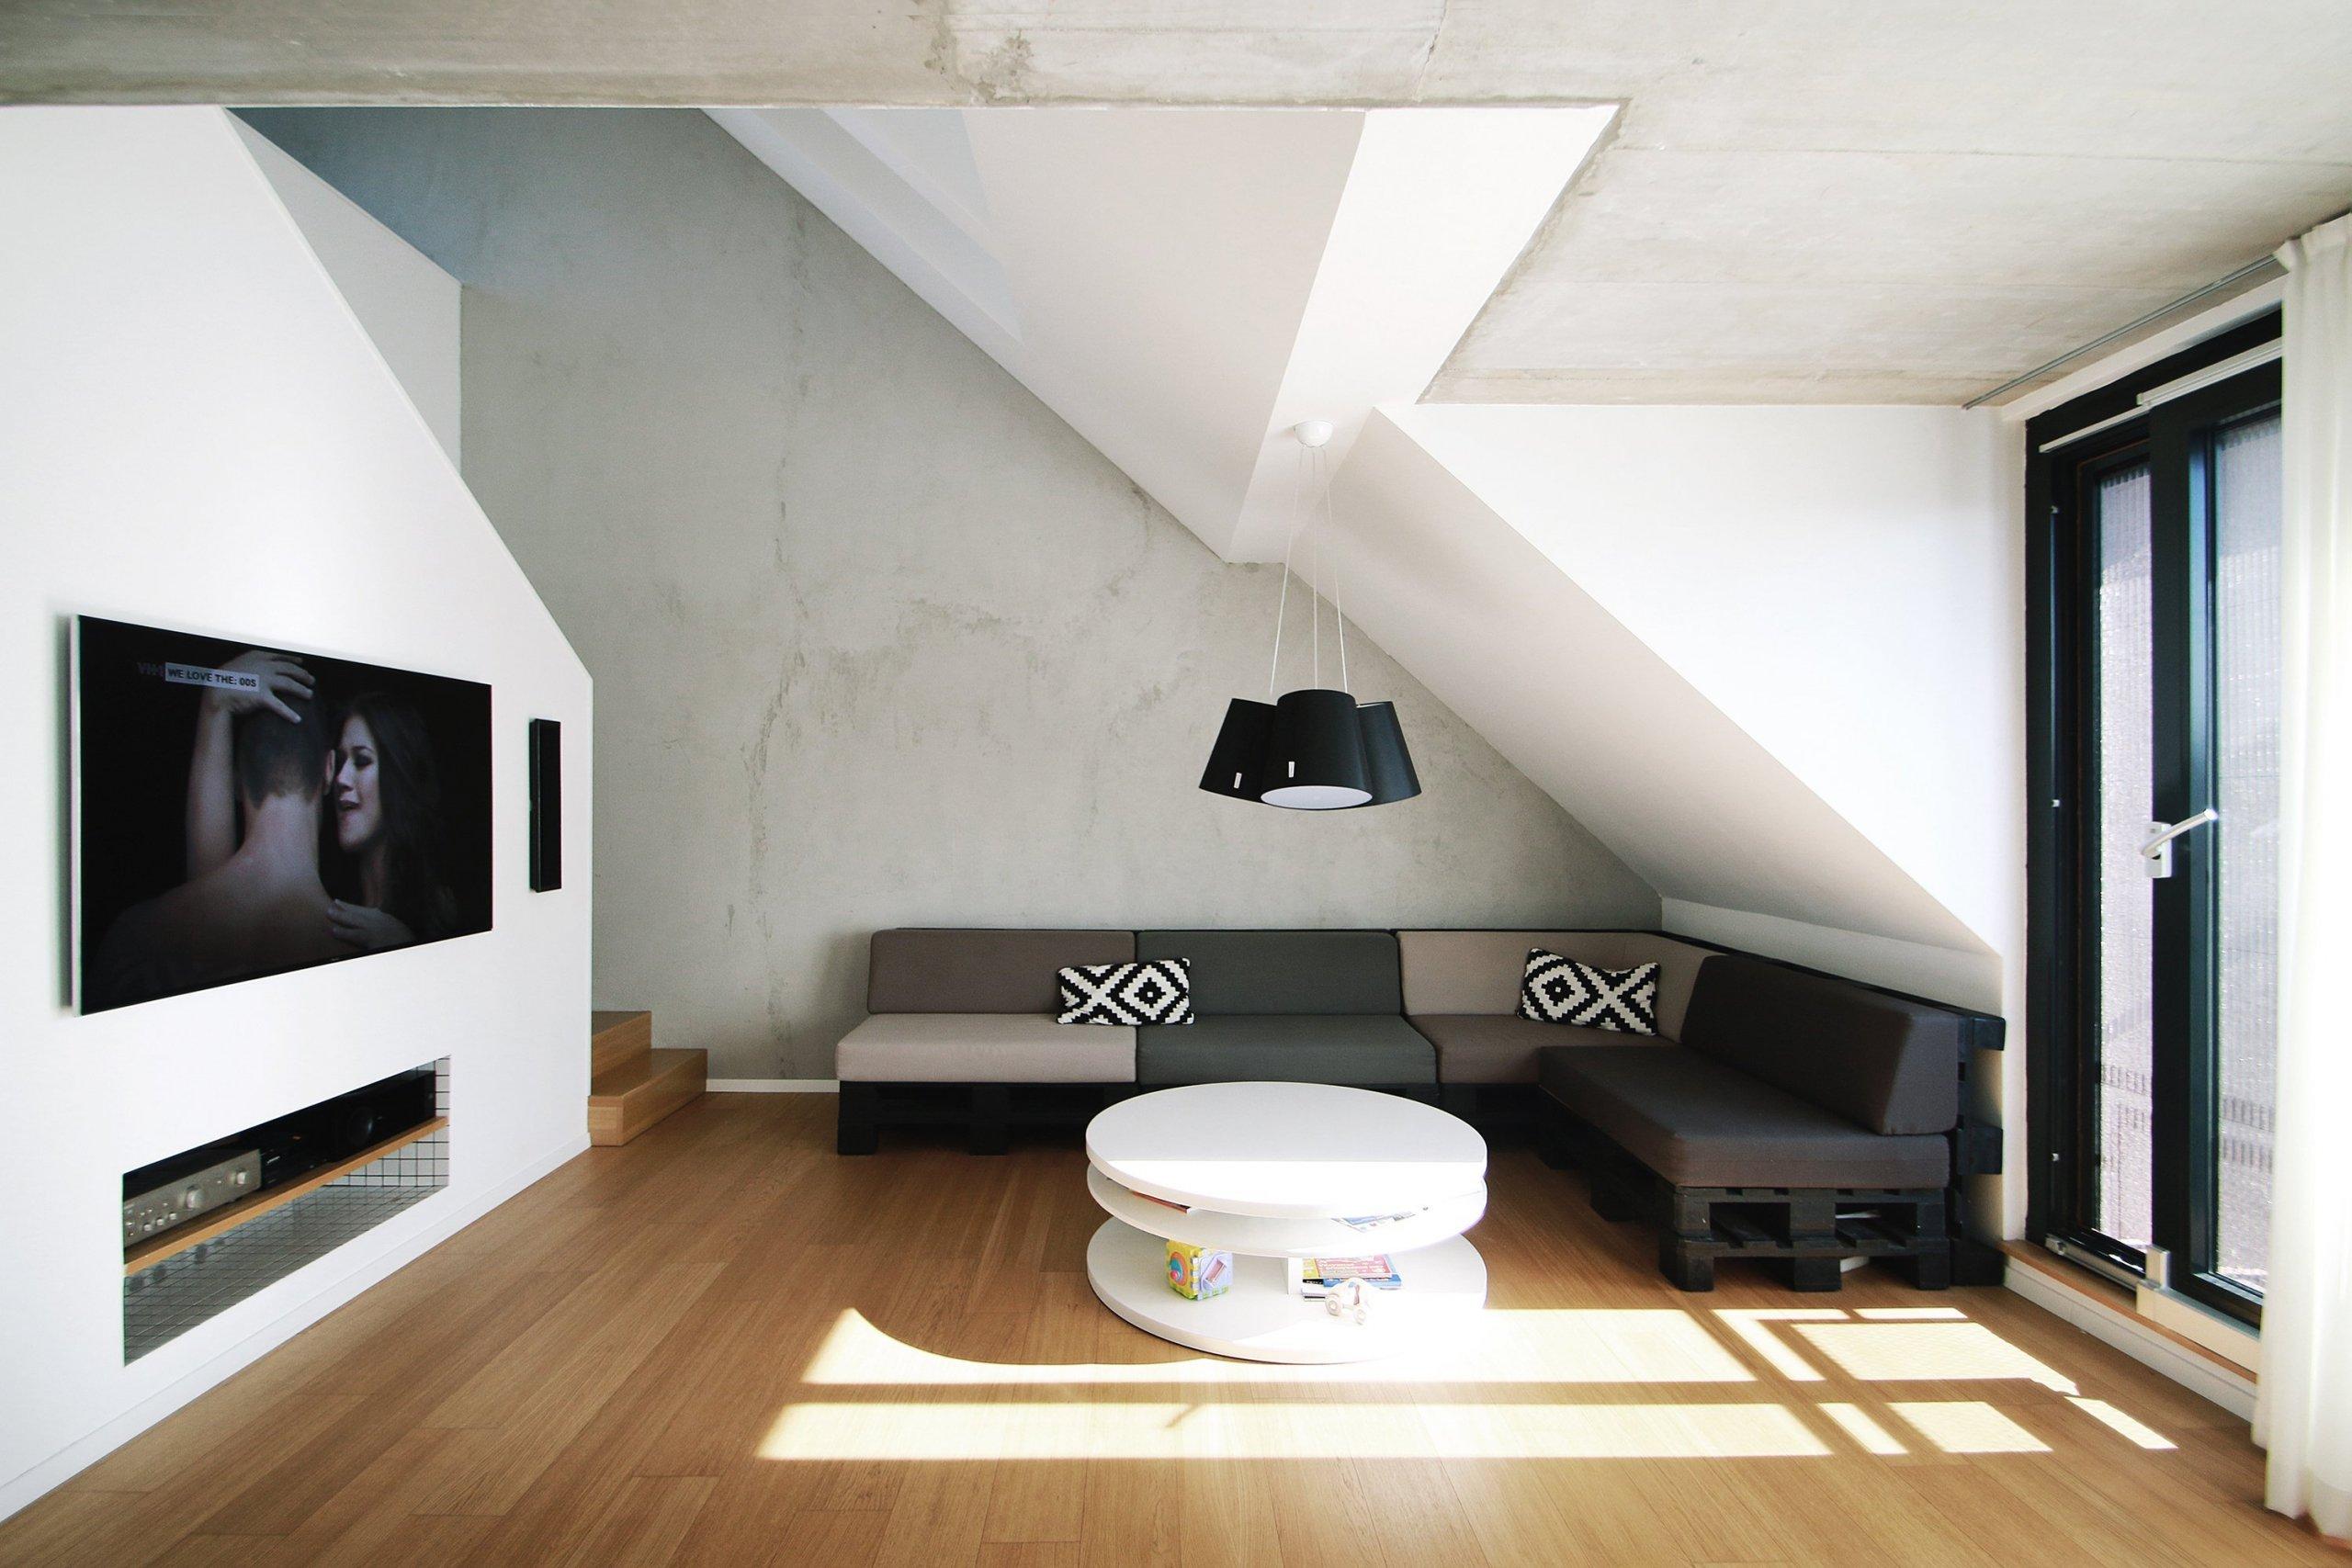 Mezonetový byt ve střešní nástavbě bytového domu z 50-tých let v širším centru Bratislavy. Originální prostorové řešení a přidaná hodnota v podobě dvou střešních teras.